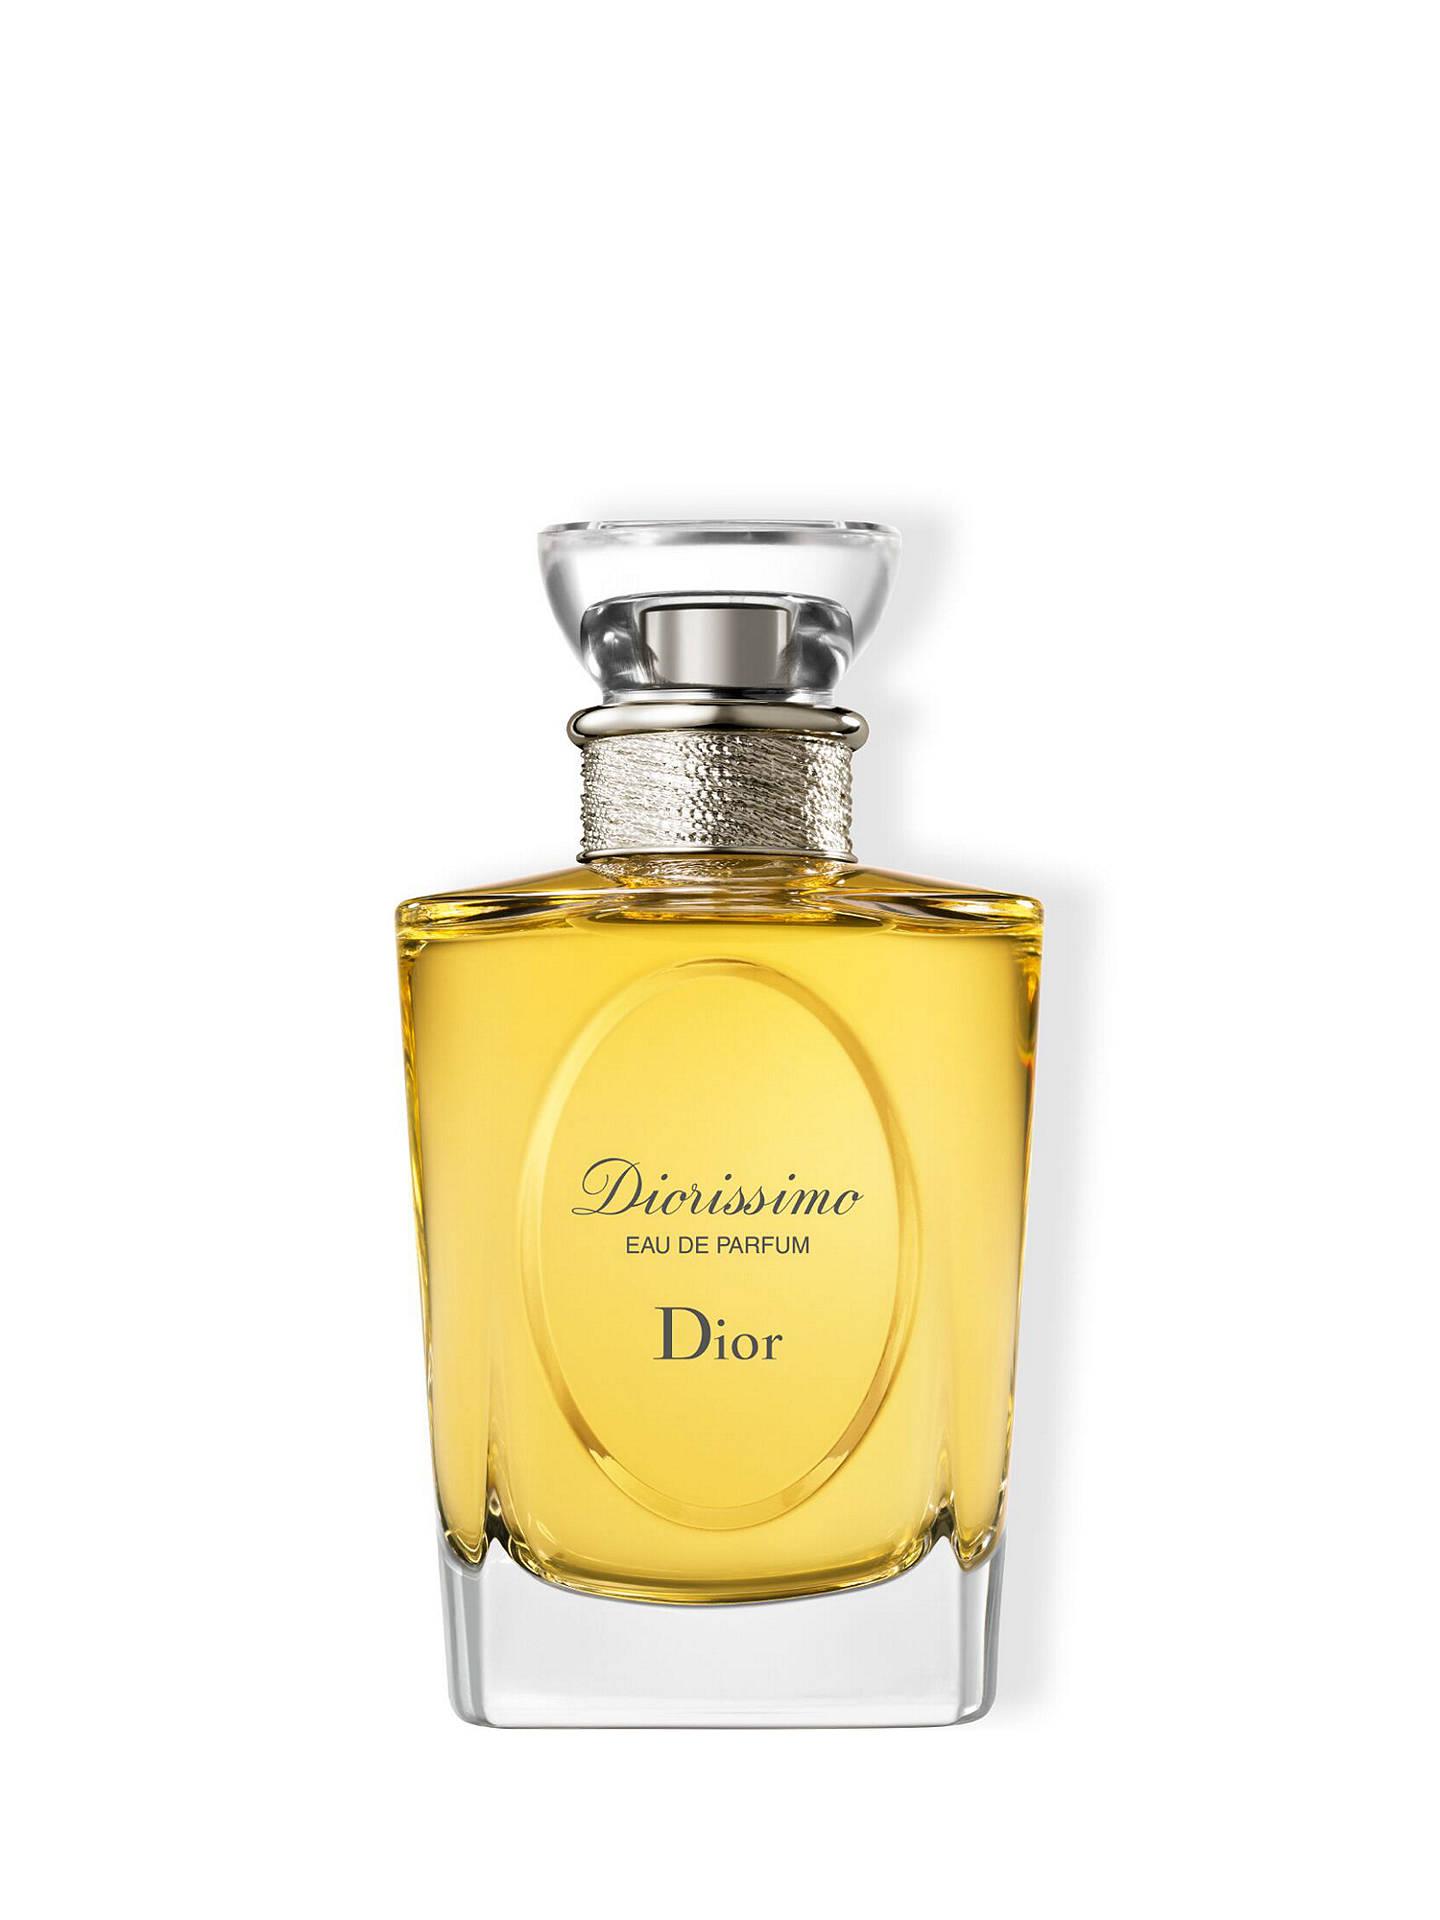 073e34a6af7 Buy Dior Diorissimo Eau De Parfum Spray, 50ml Online at johnlewis.com